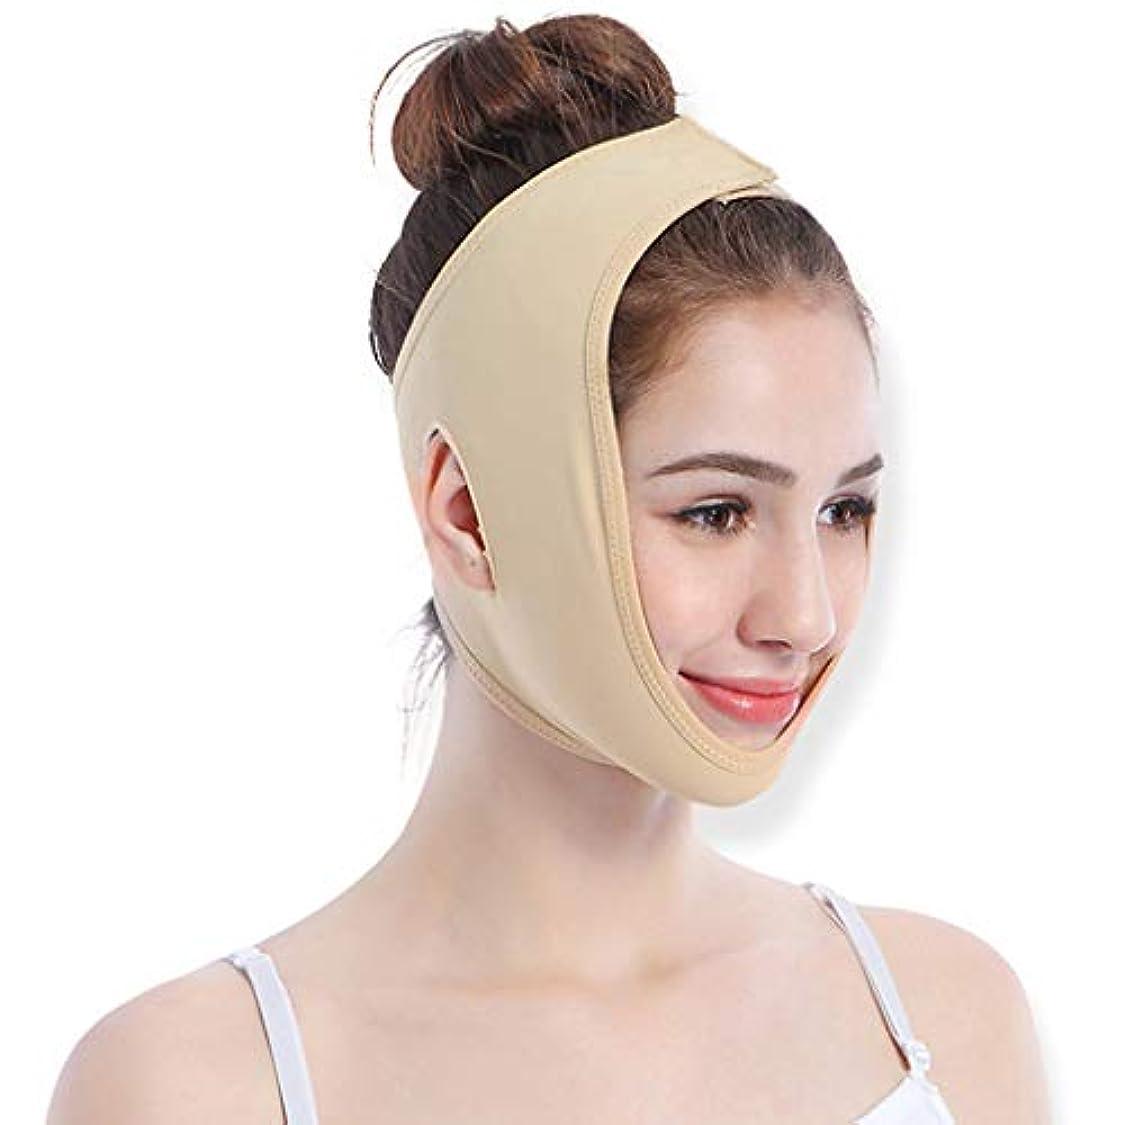 思われる辞書口述薄い顔のマスクの男性と女性の顔のv顔のマスクの顔の楽器の包帯,XL